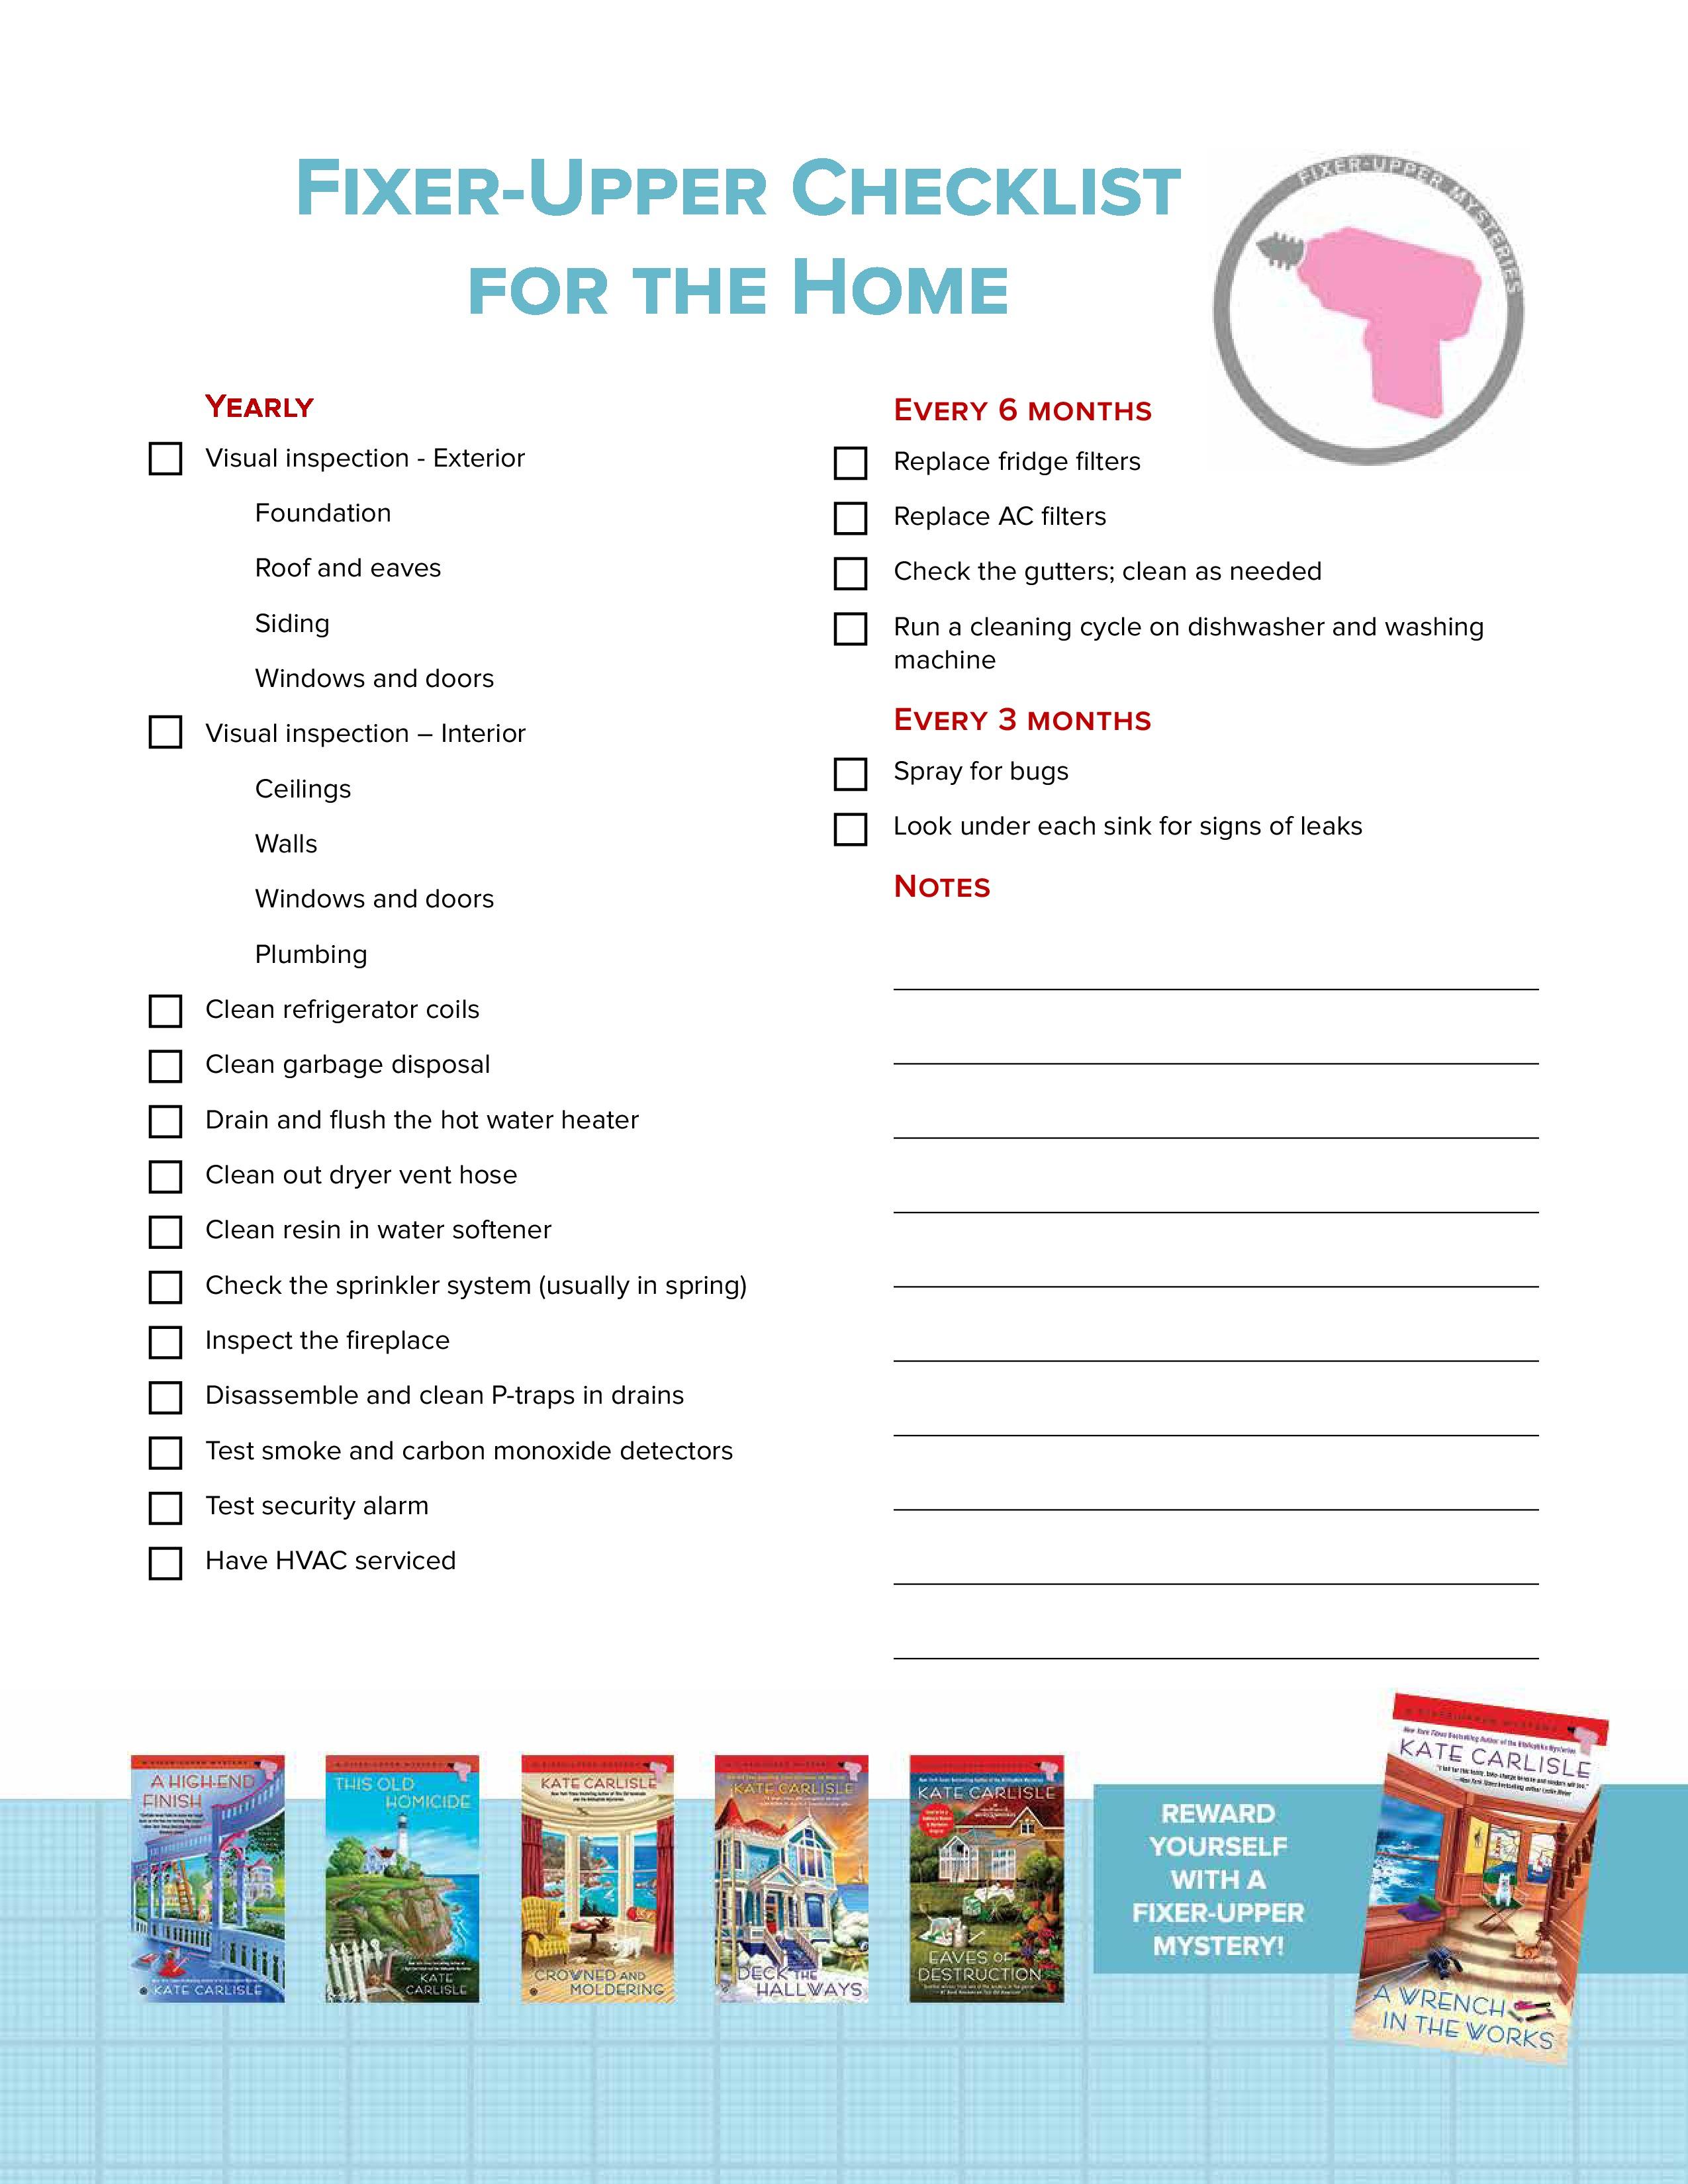 fixer-upper-home-checklist-page-0